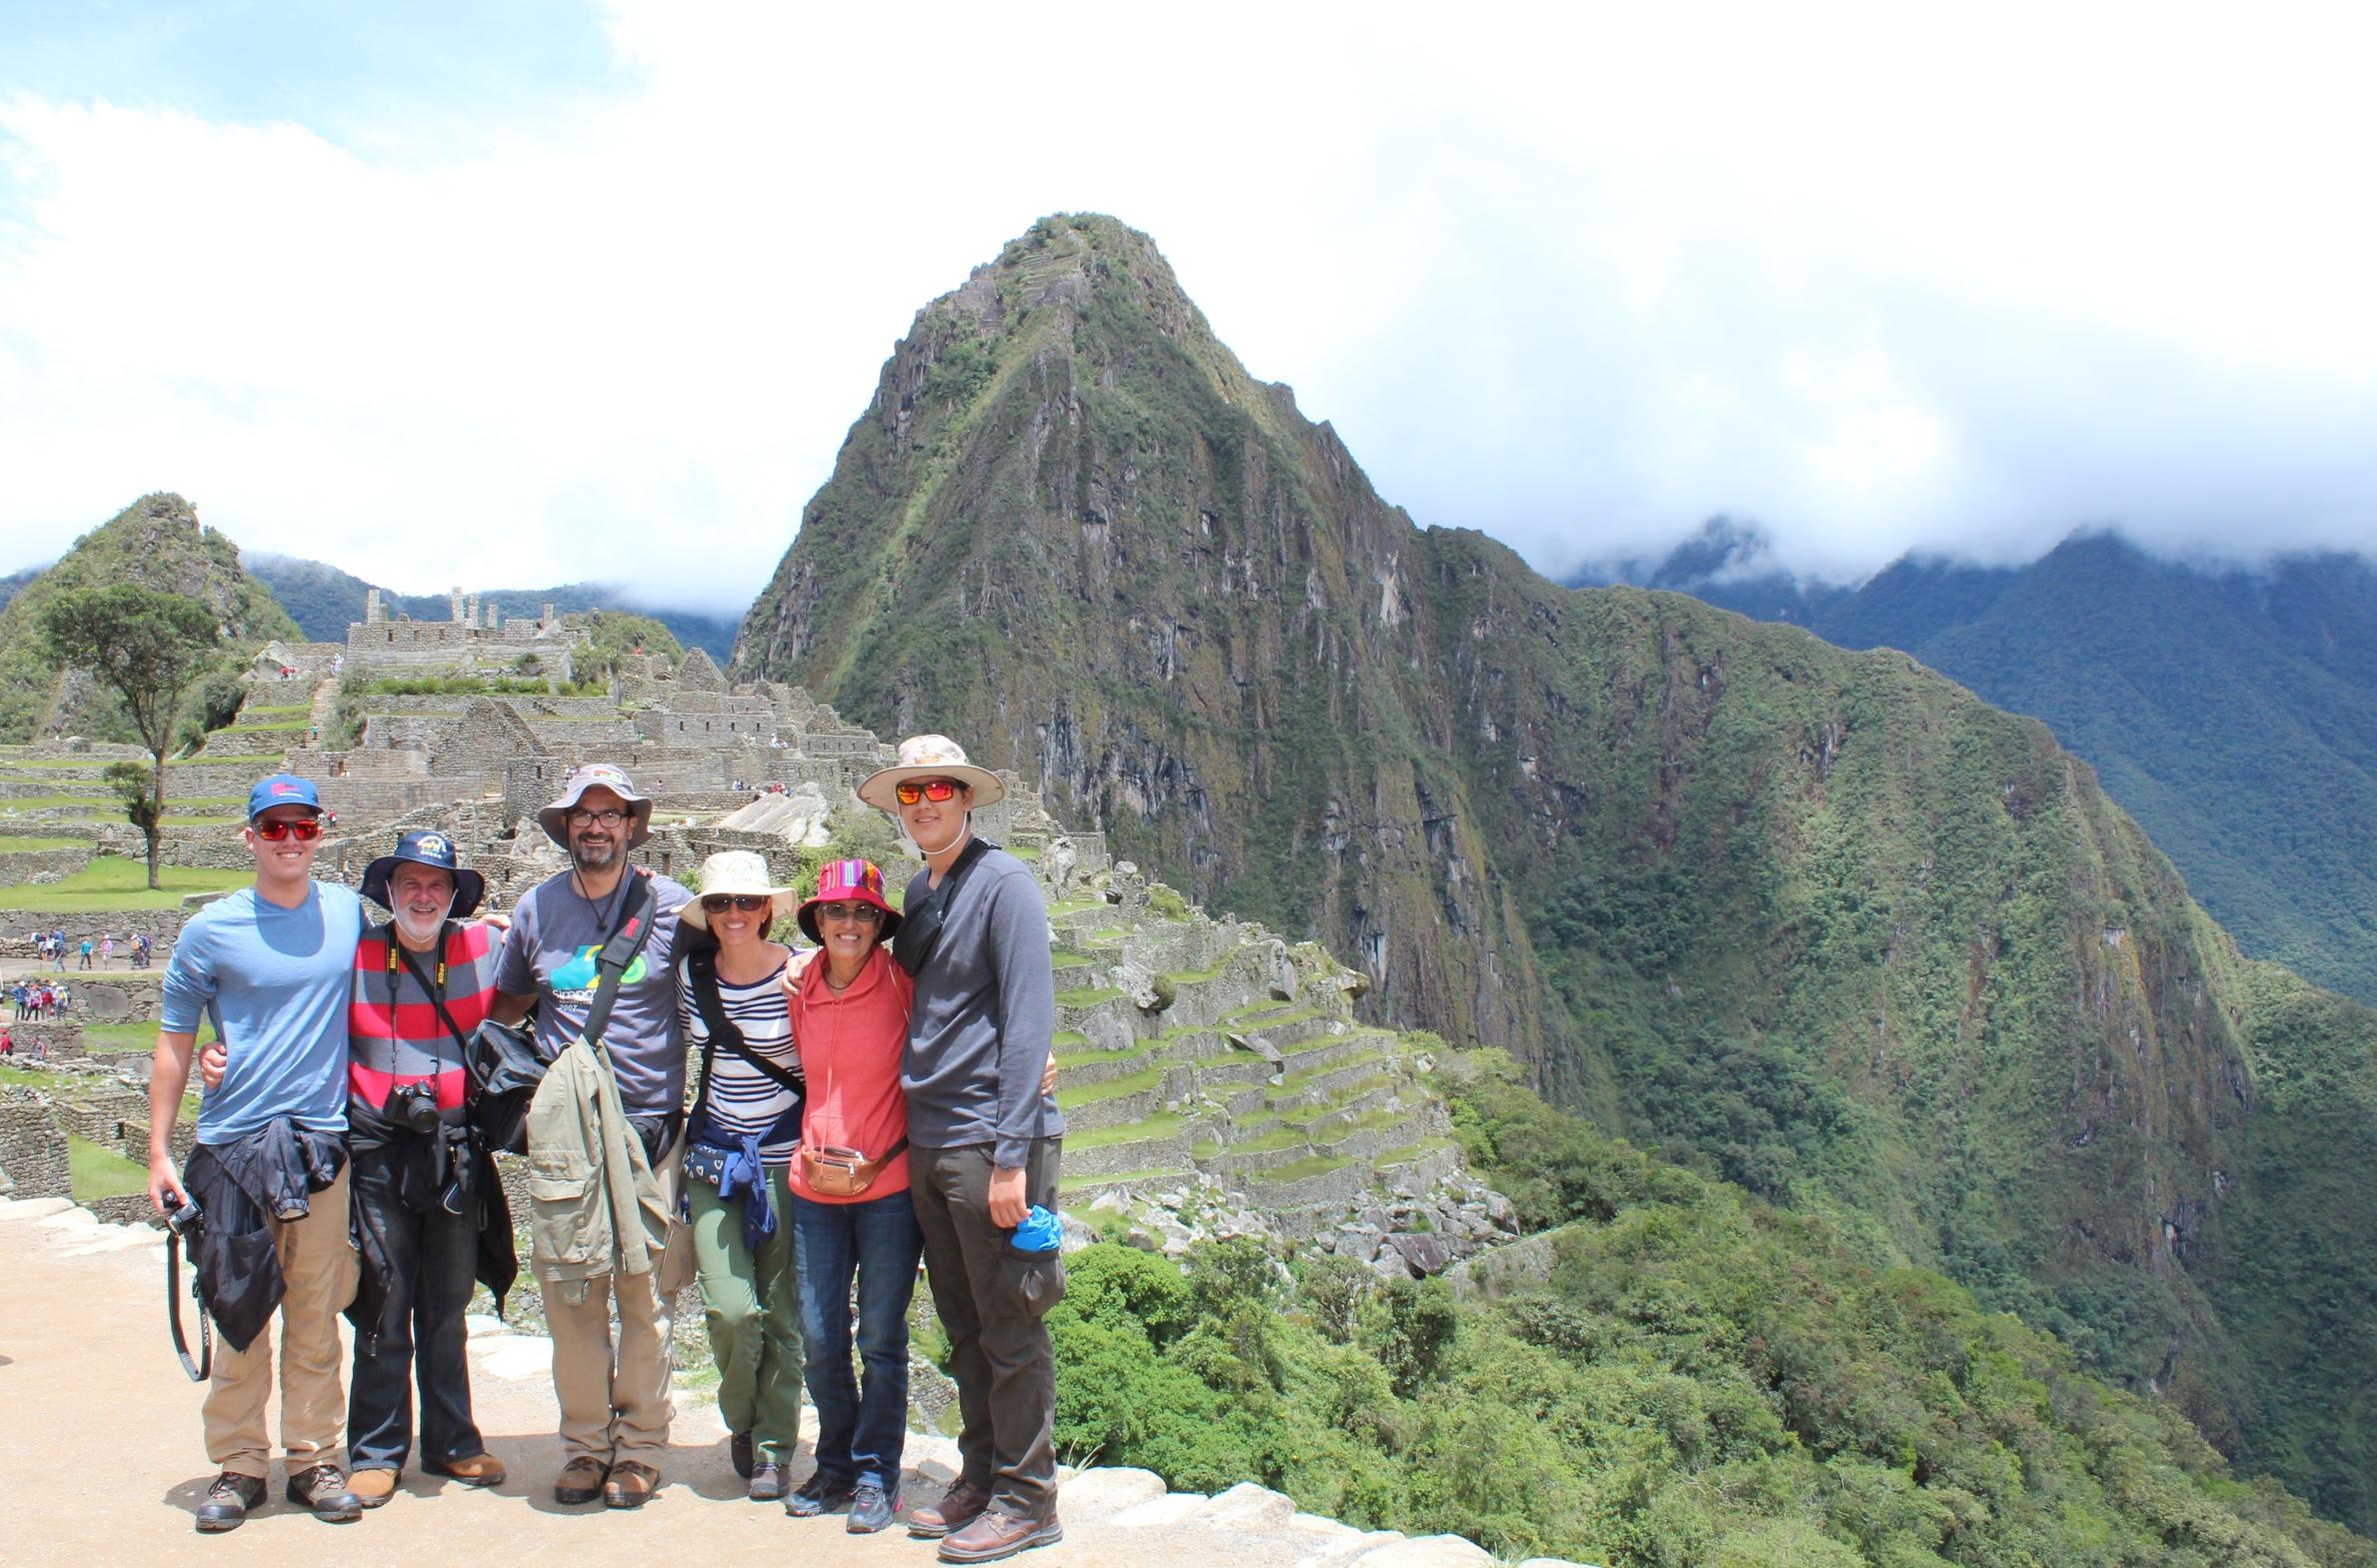 Este patrimonio cultural se encuentra sobre la cresta de la sierra andina a más de dos mil metros de altitud.